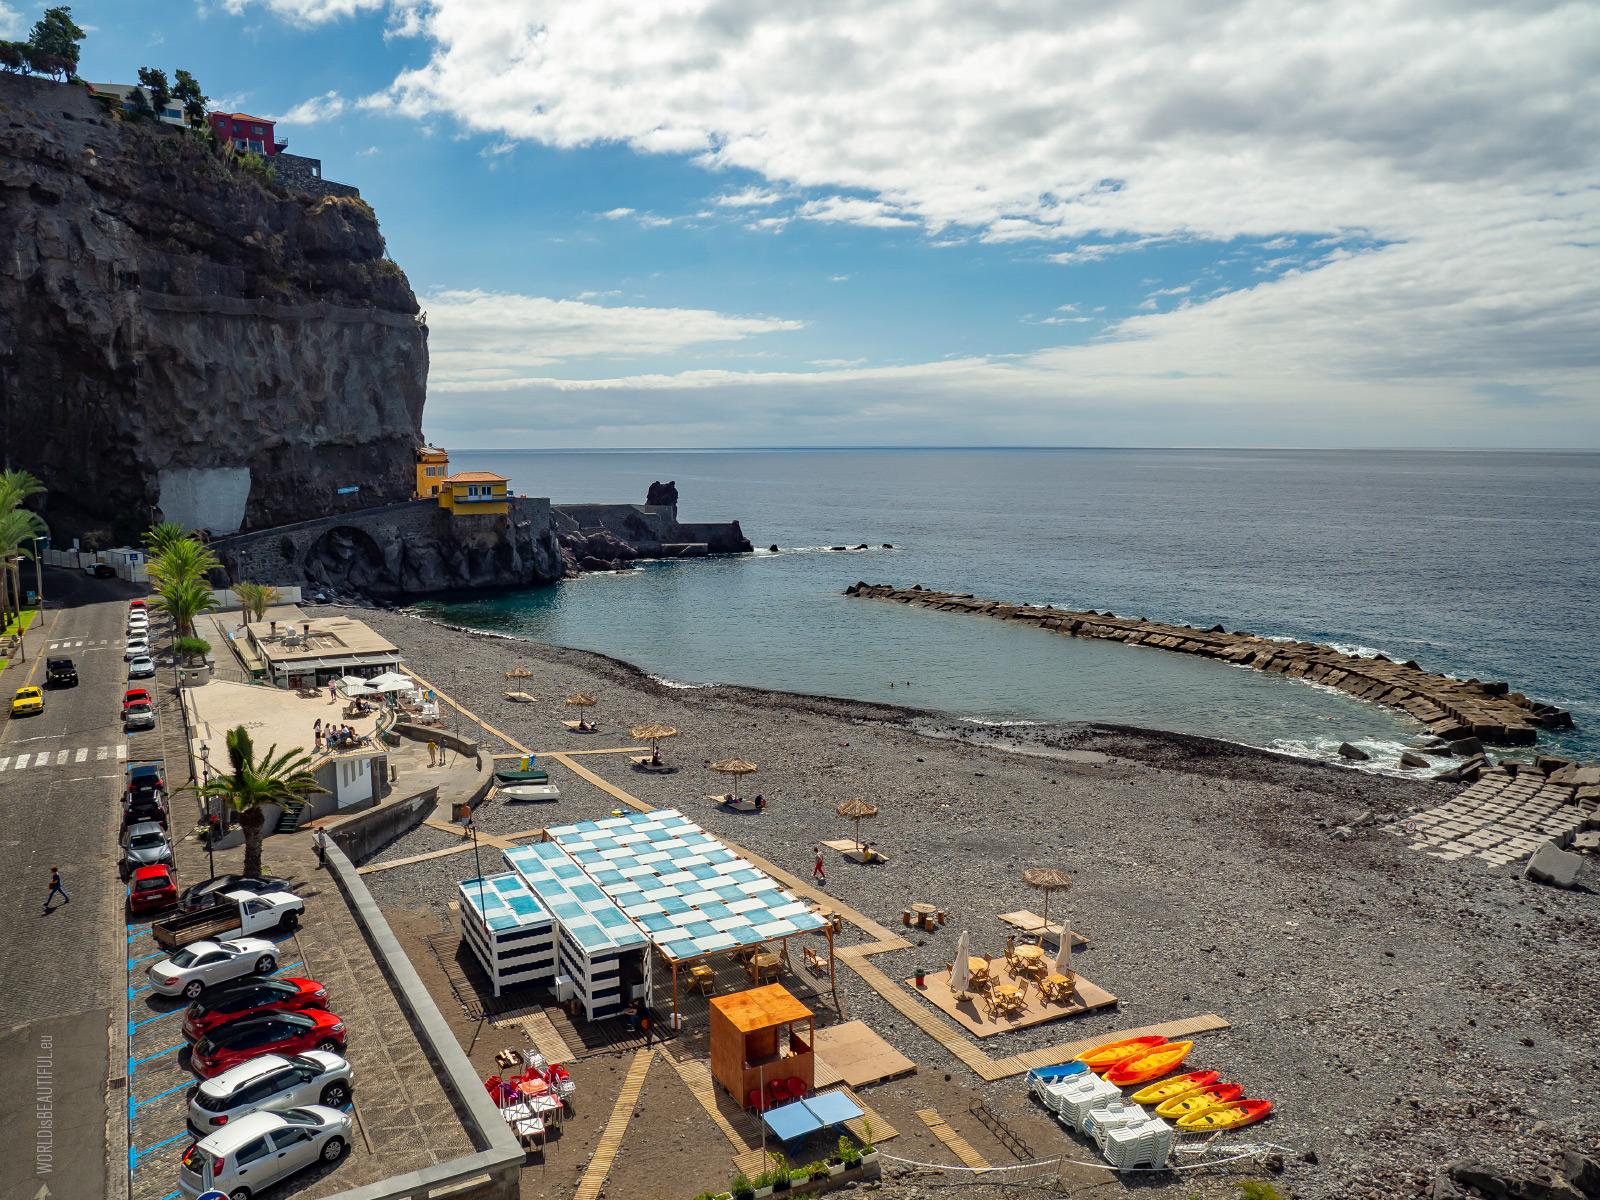 Żwirowa plaża w Ponta do Sol